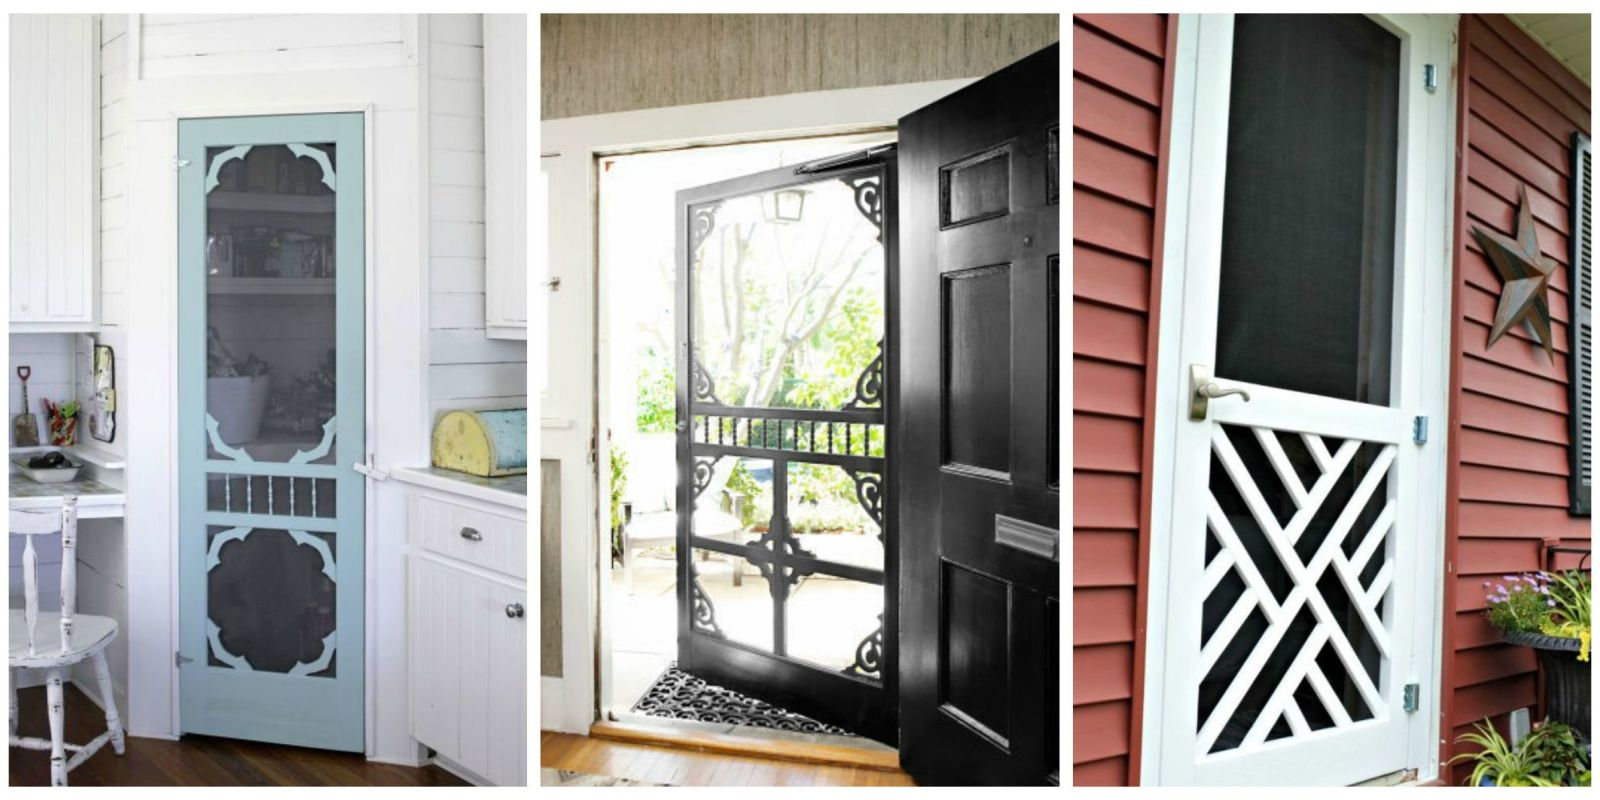 Country Screen Doors : Screen door ideas ways to use doors